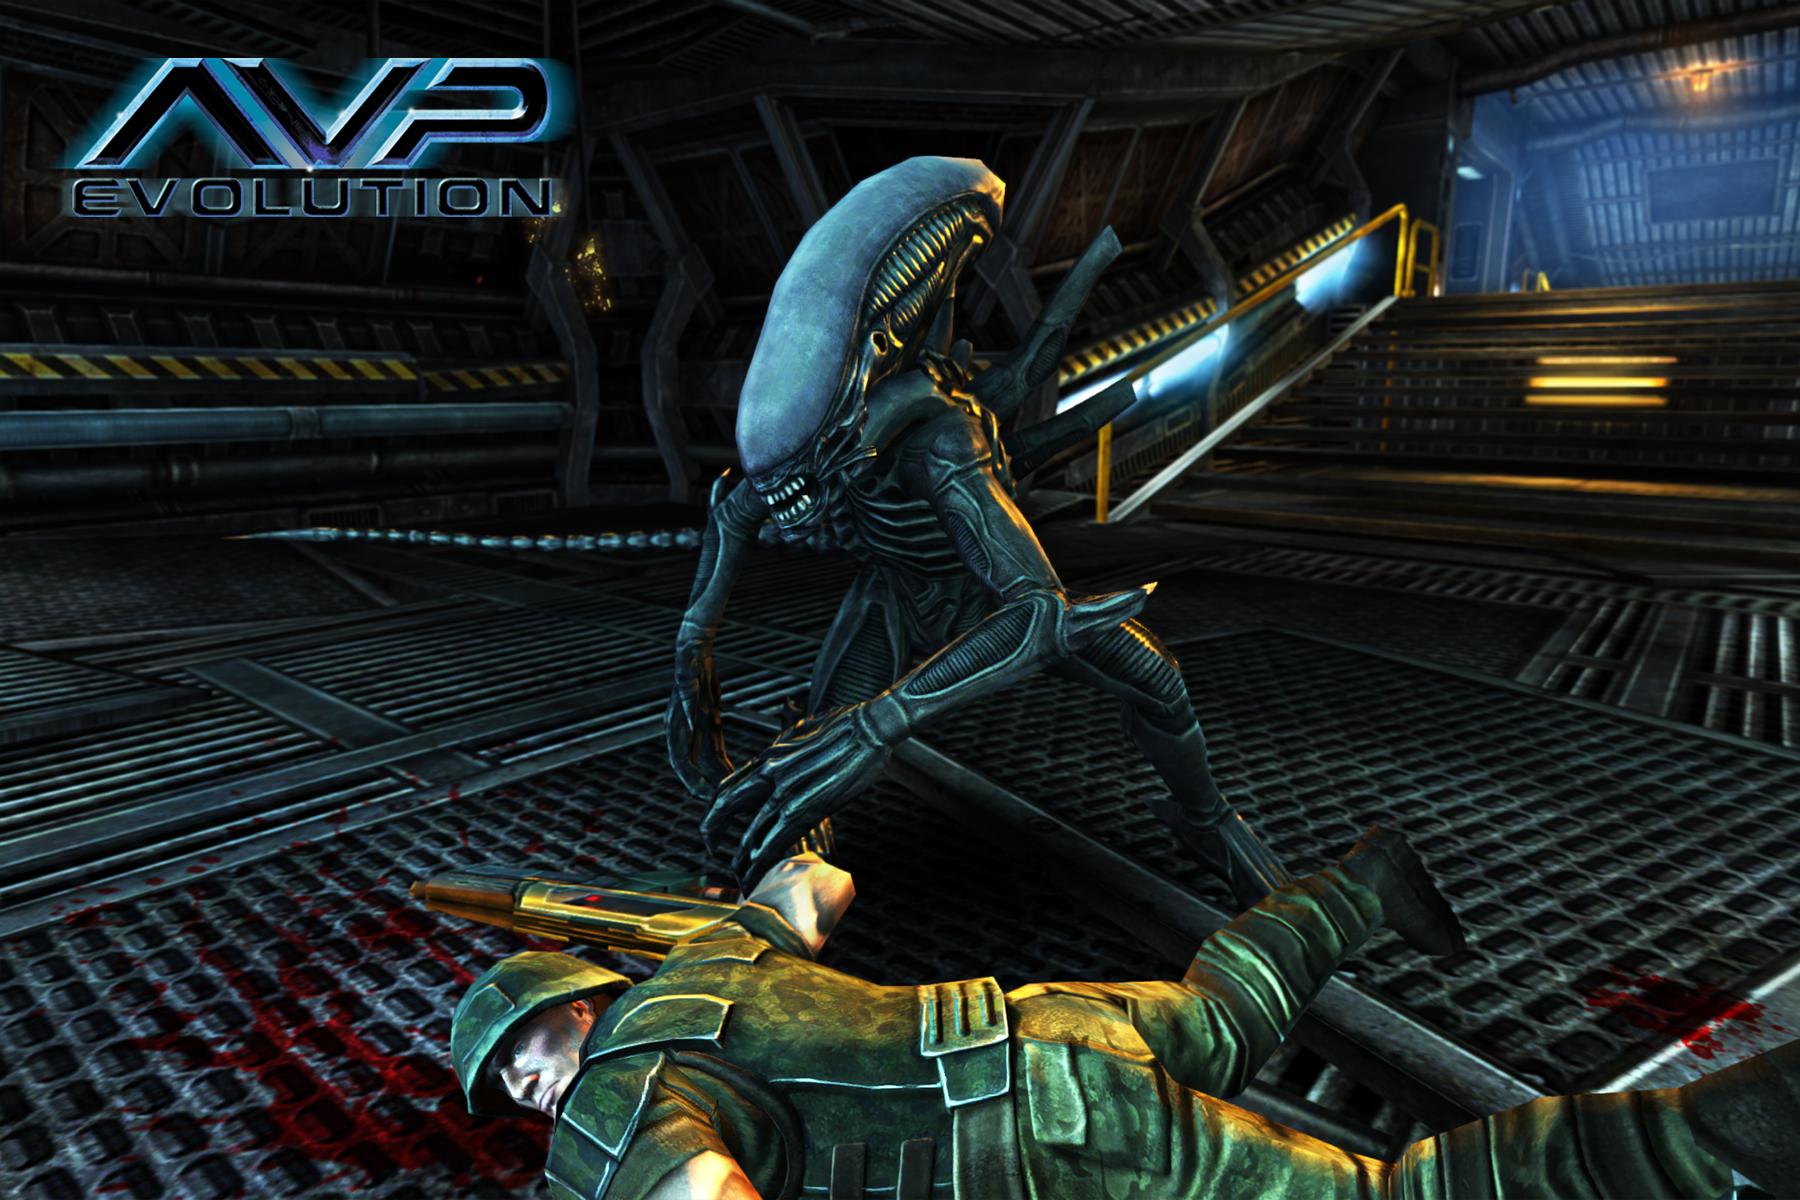 Прохождение игры avp evolution 2 фотография